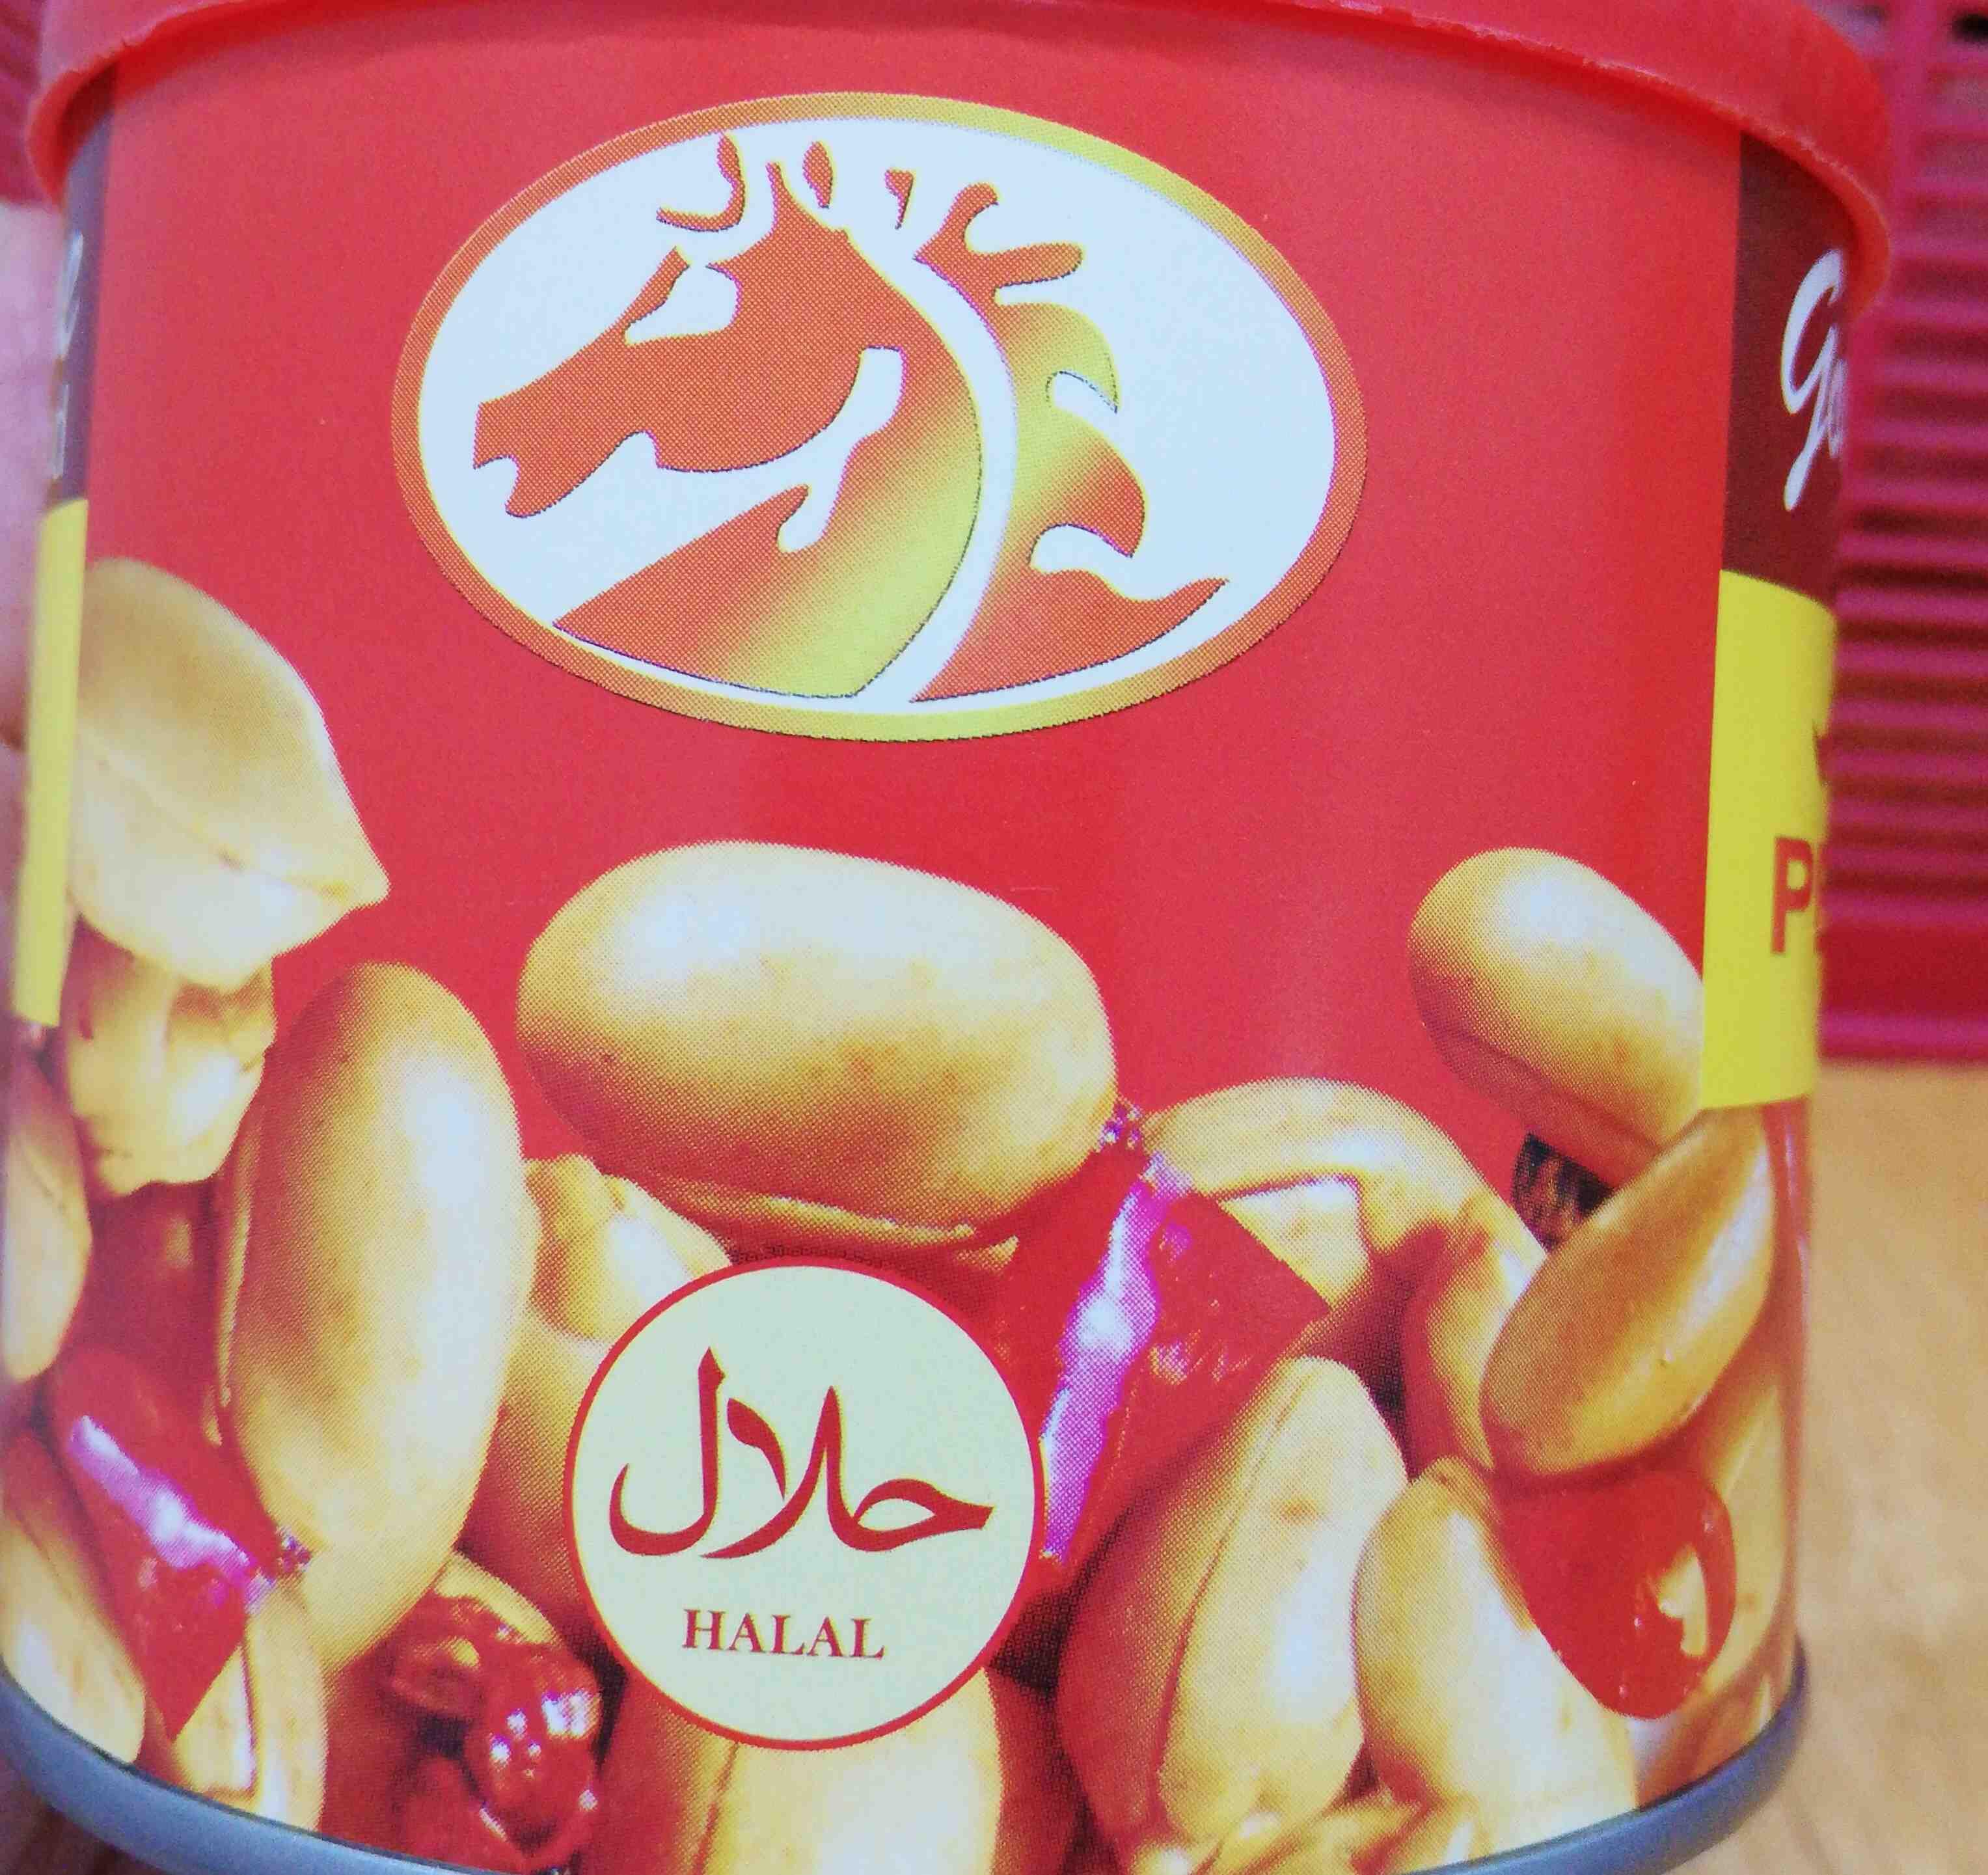 golden horse - 产品 - en